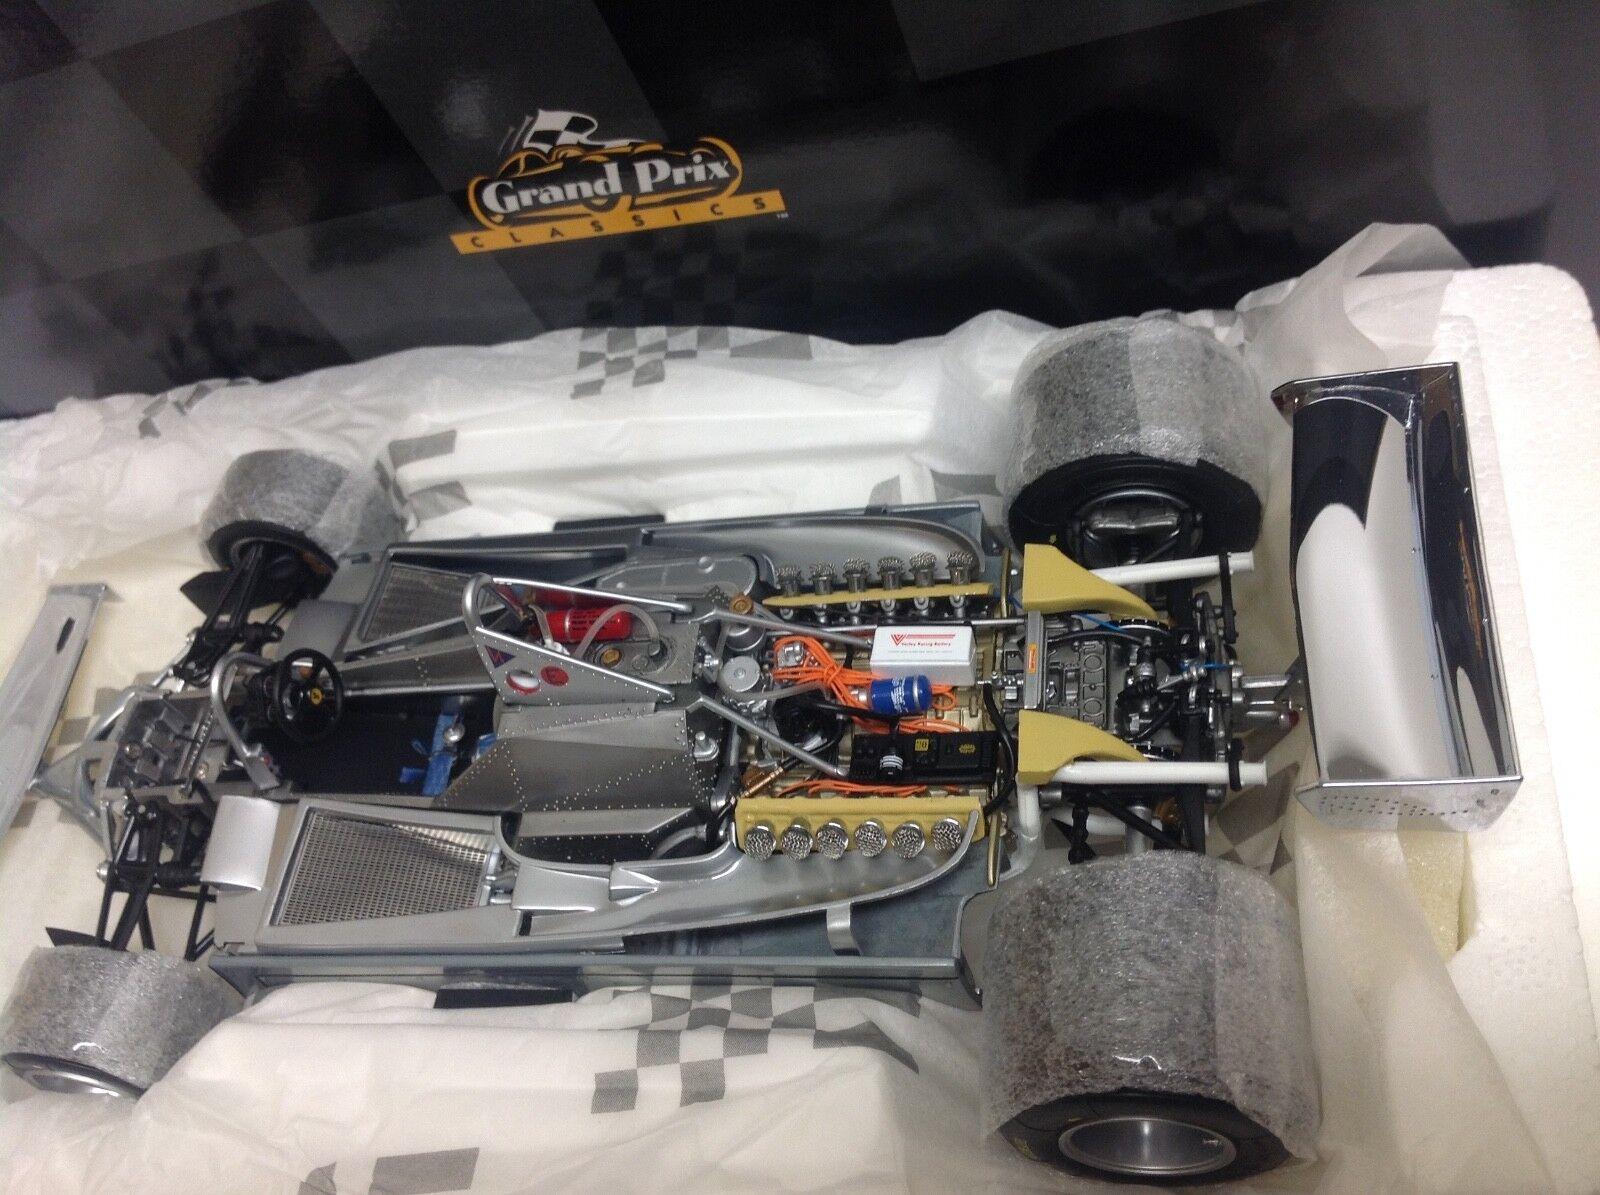 Exoto ferrari 312 t4 villeneuve scheckter 50 aluminio cromo 1979 1 18 nuevo 97079